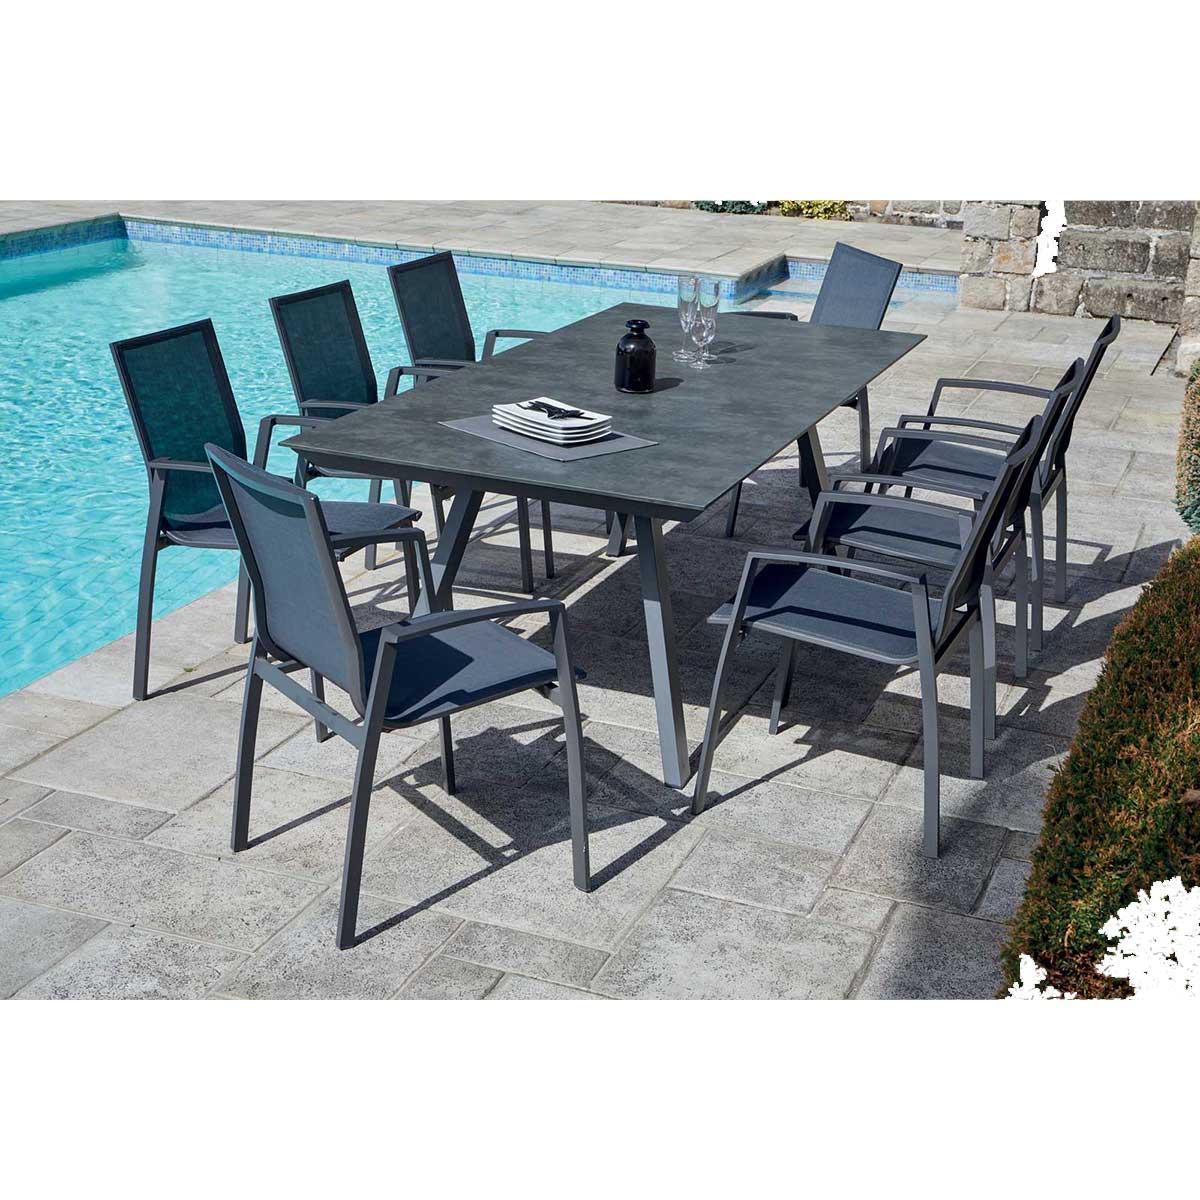 Ensemble de jardin avec fauteuils empilables - Anthracite - 200 x 100 x 74 cm